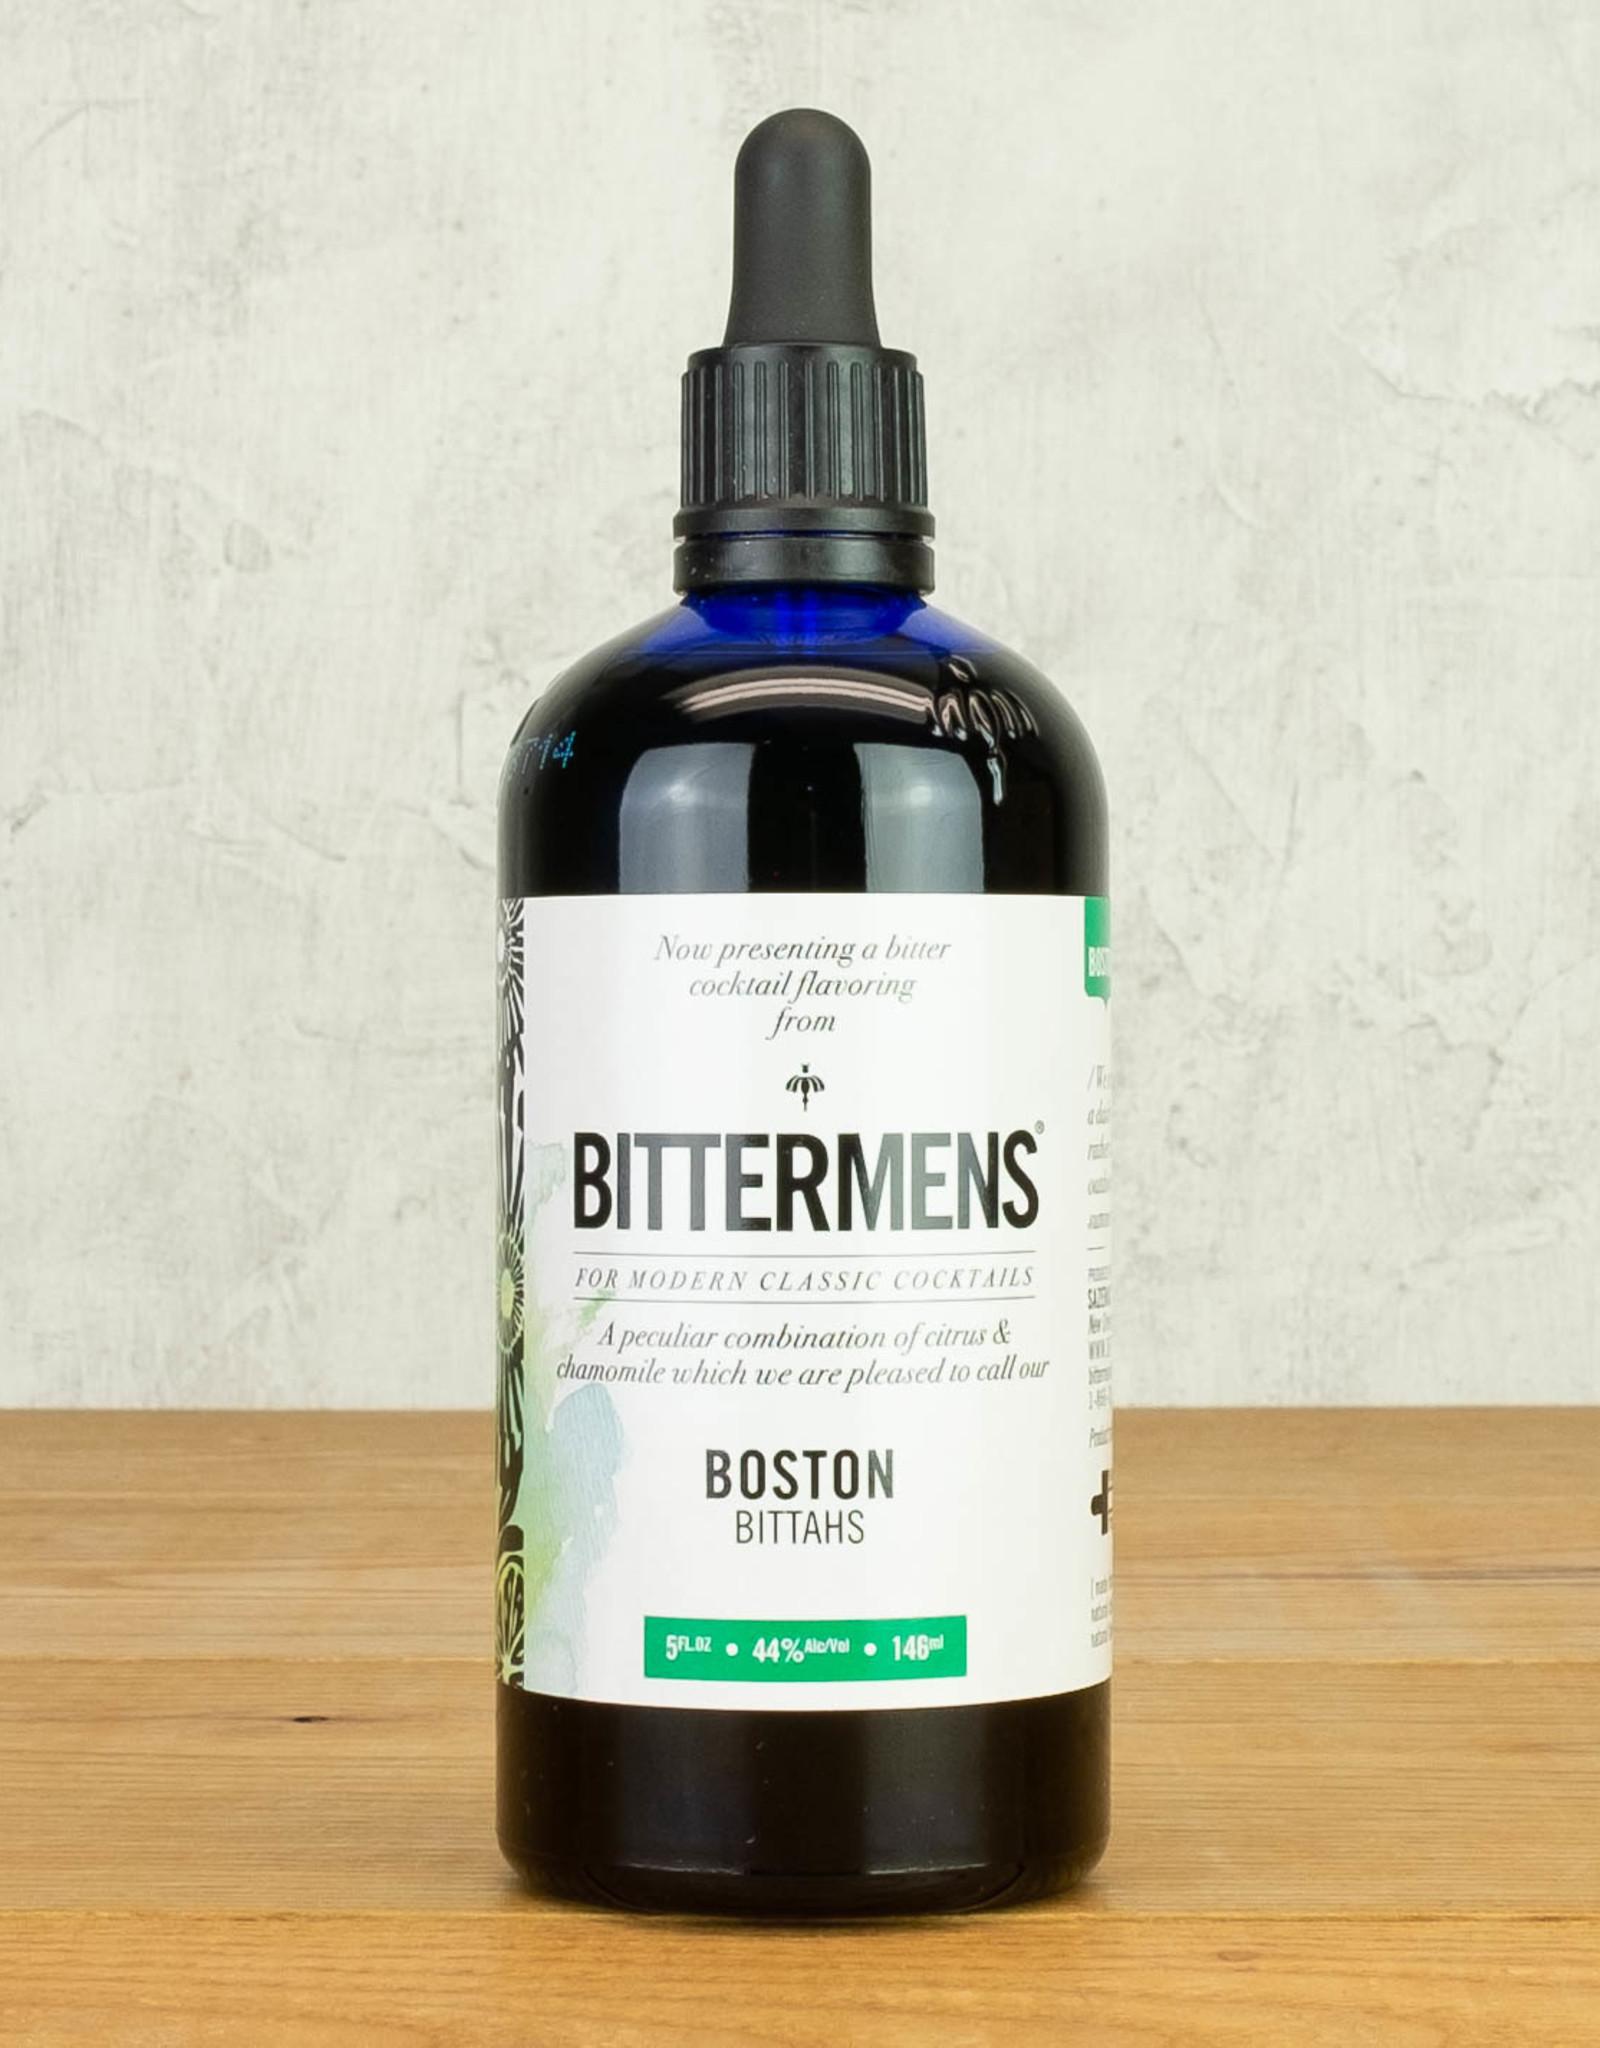 Bittermens Boston Bittahs